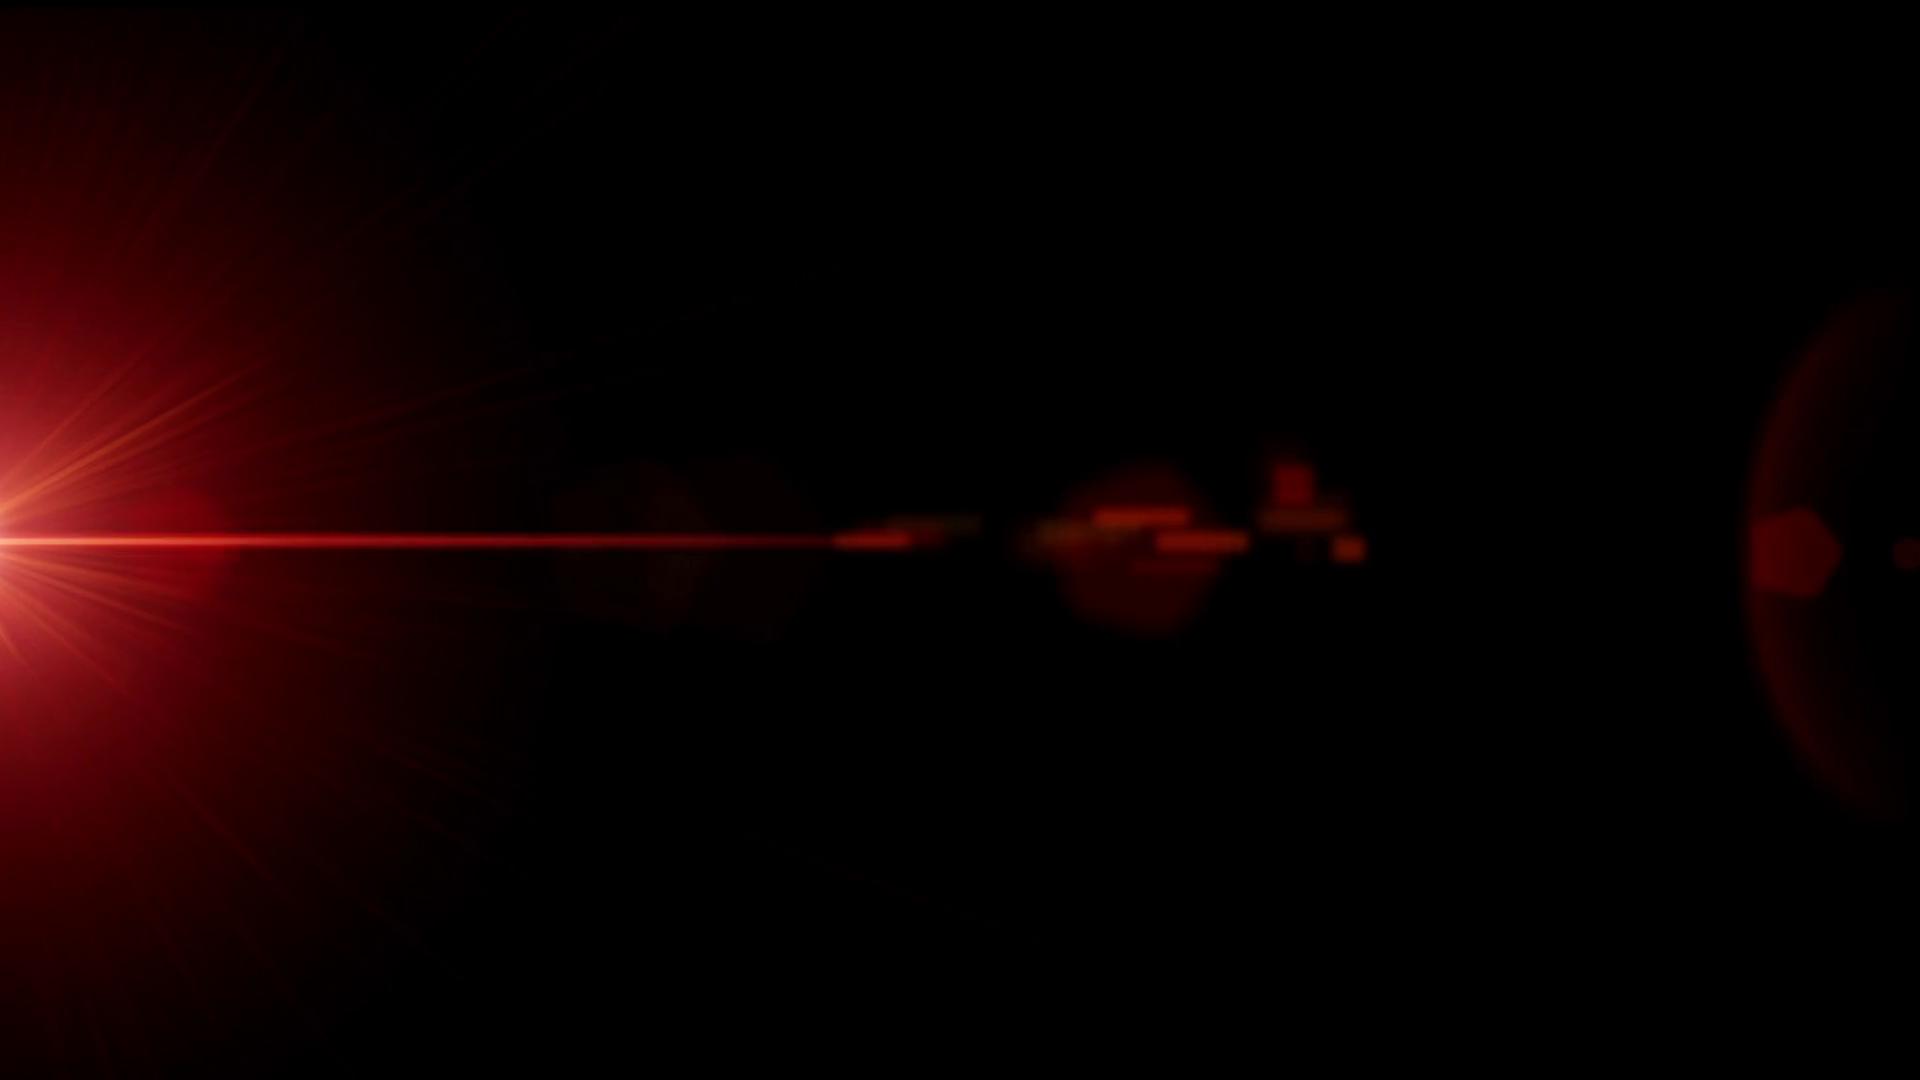 Red laser light on black background Motion Background.